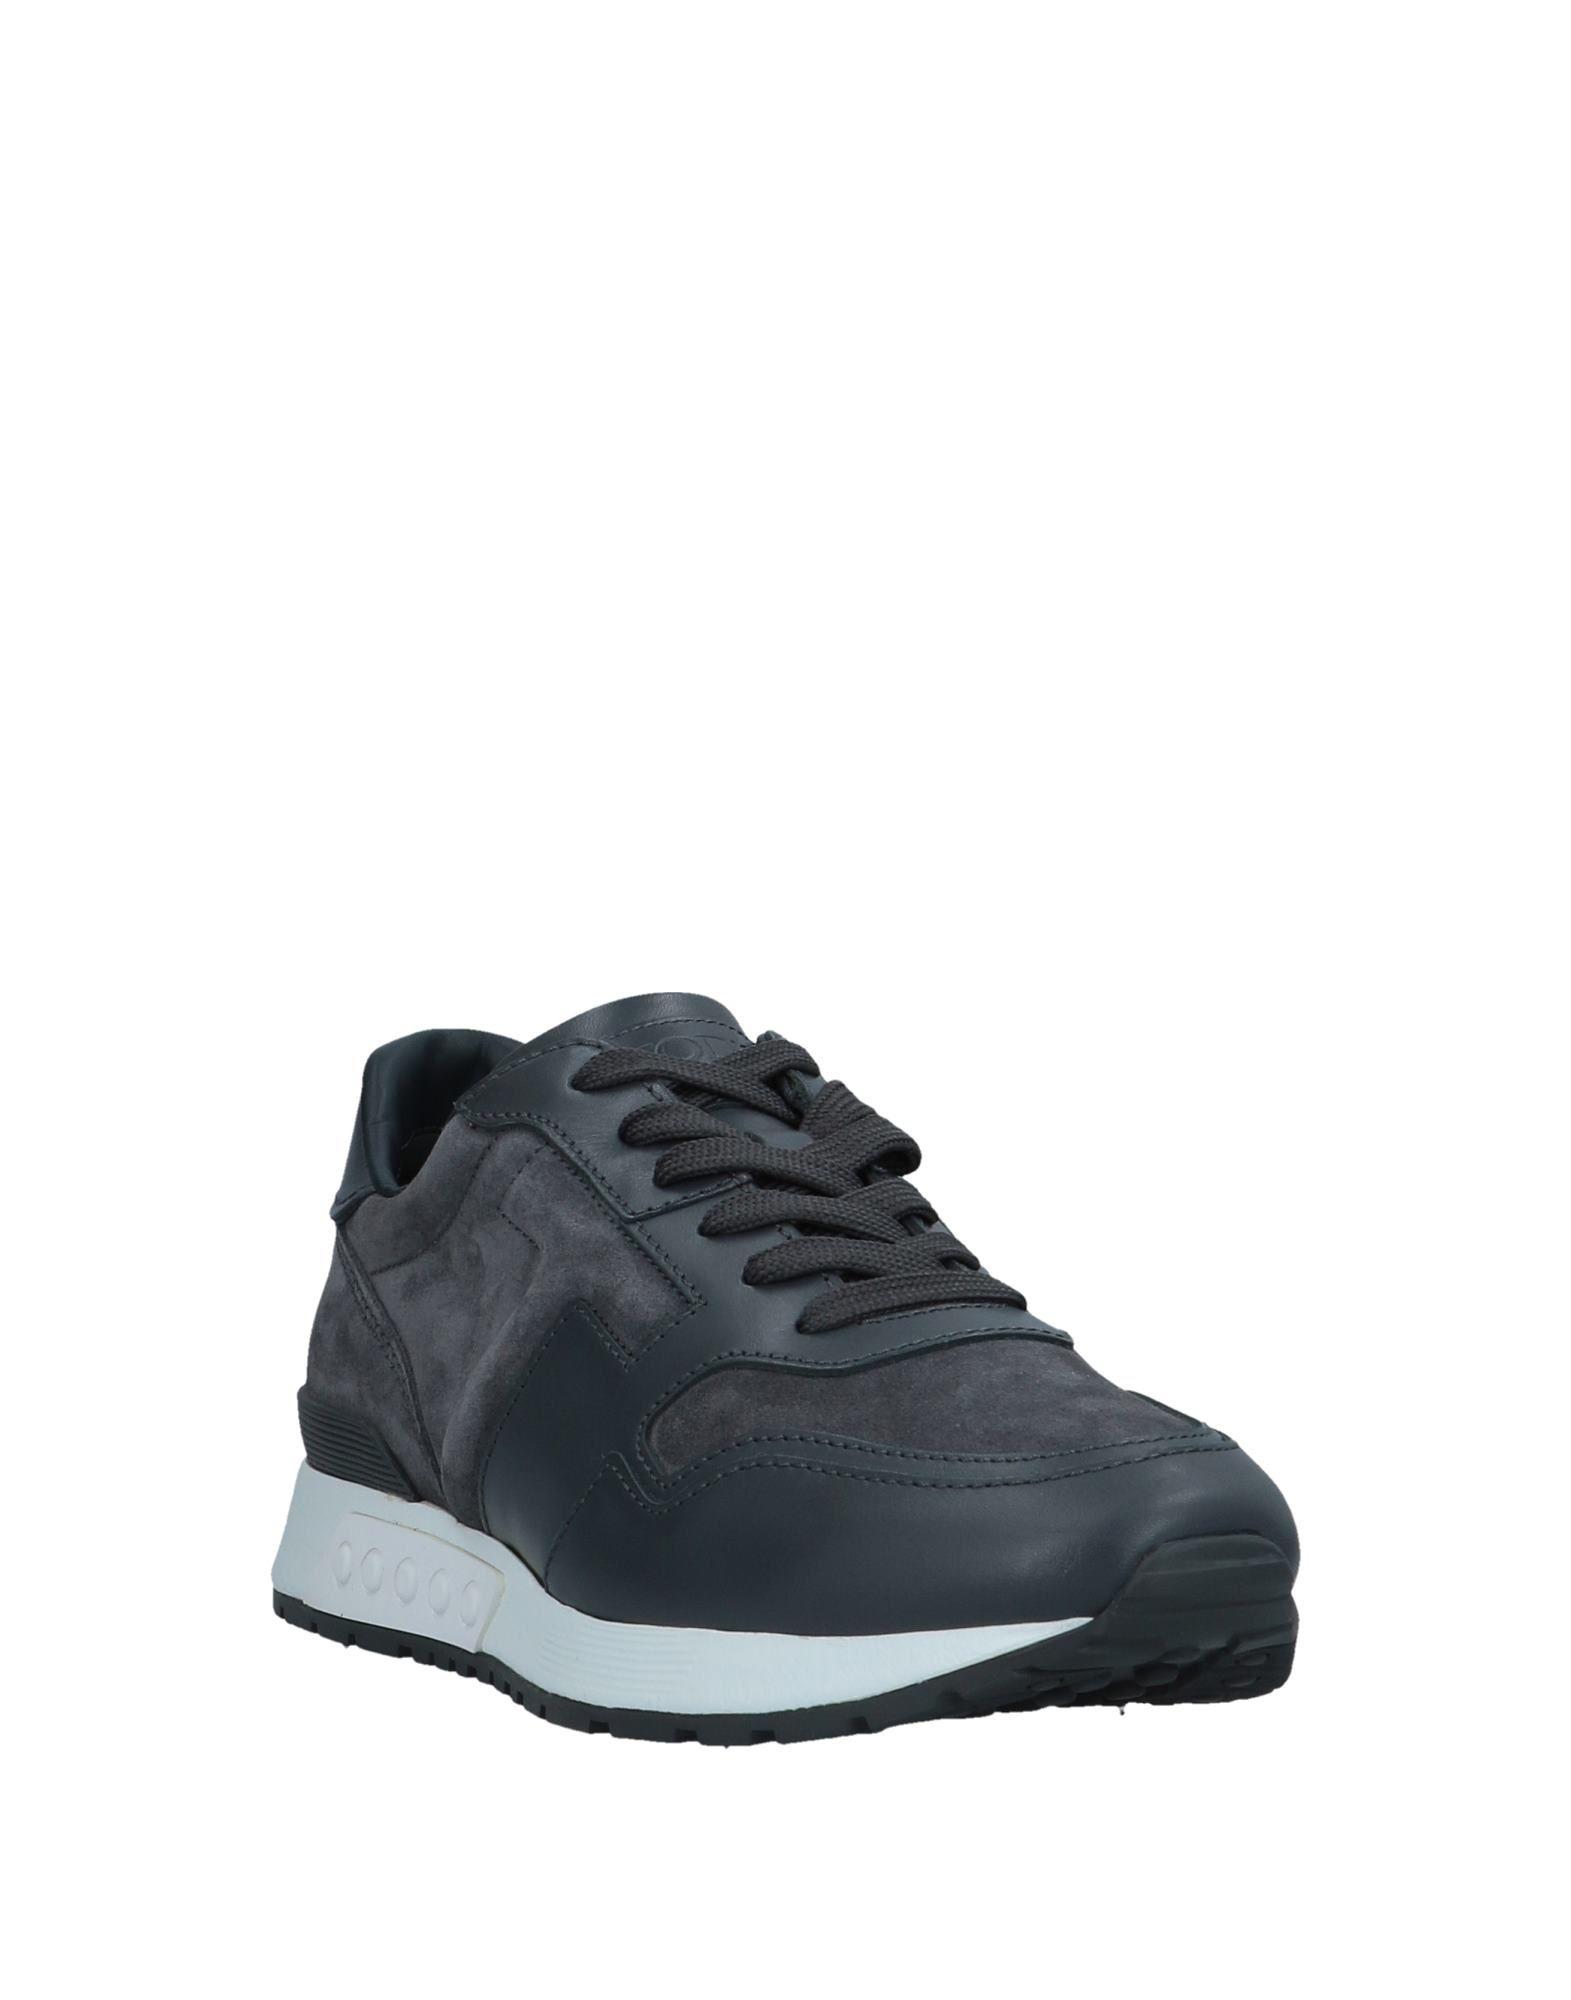 Tod's Sneakers Herren  11509243XG Schuhe Gute Qualität beliebte Schuhe 11509243XG 22e3a3